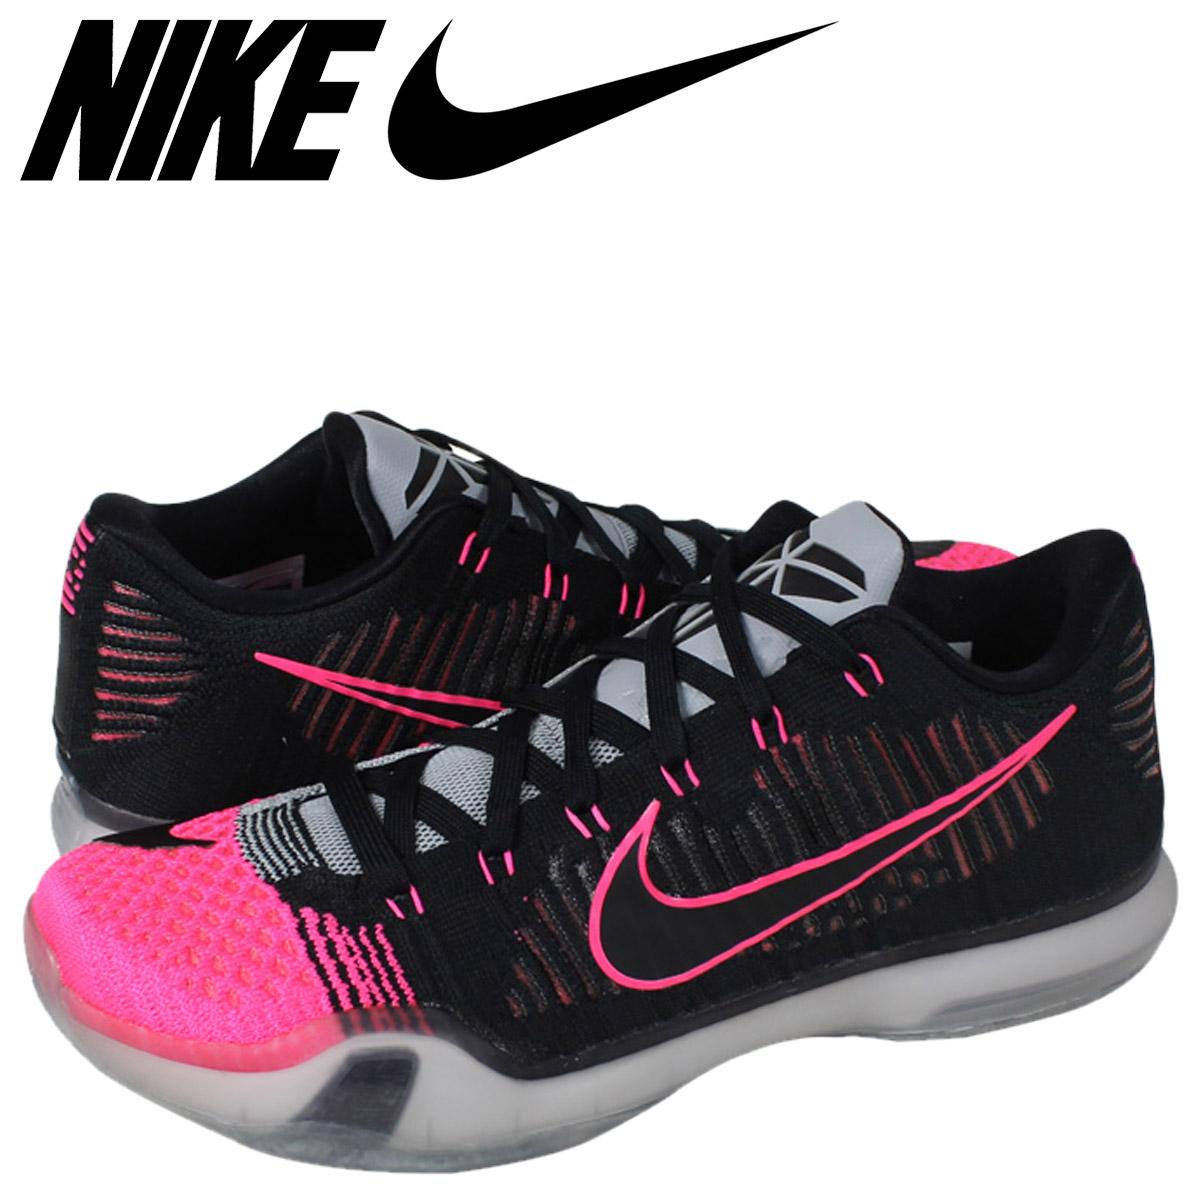 2abb038f71ea SneaK Online Shop  Nike NIKE Corby sneakers KOBE 10 ELITE LOW ...